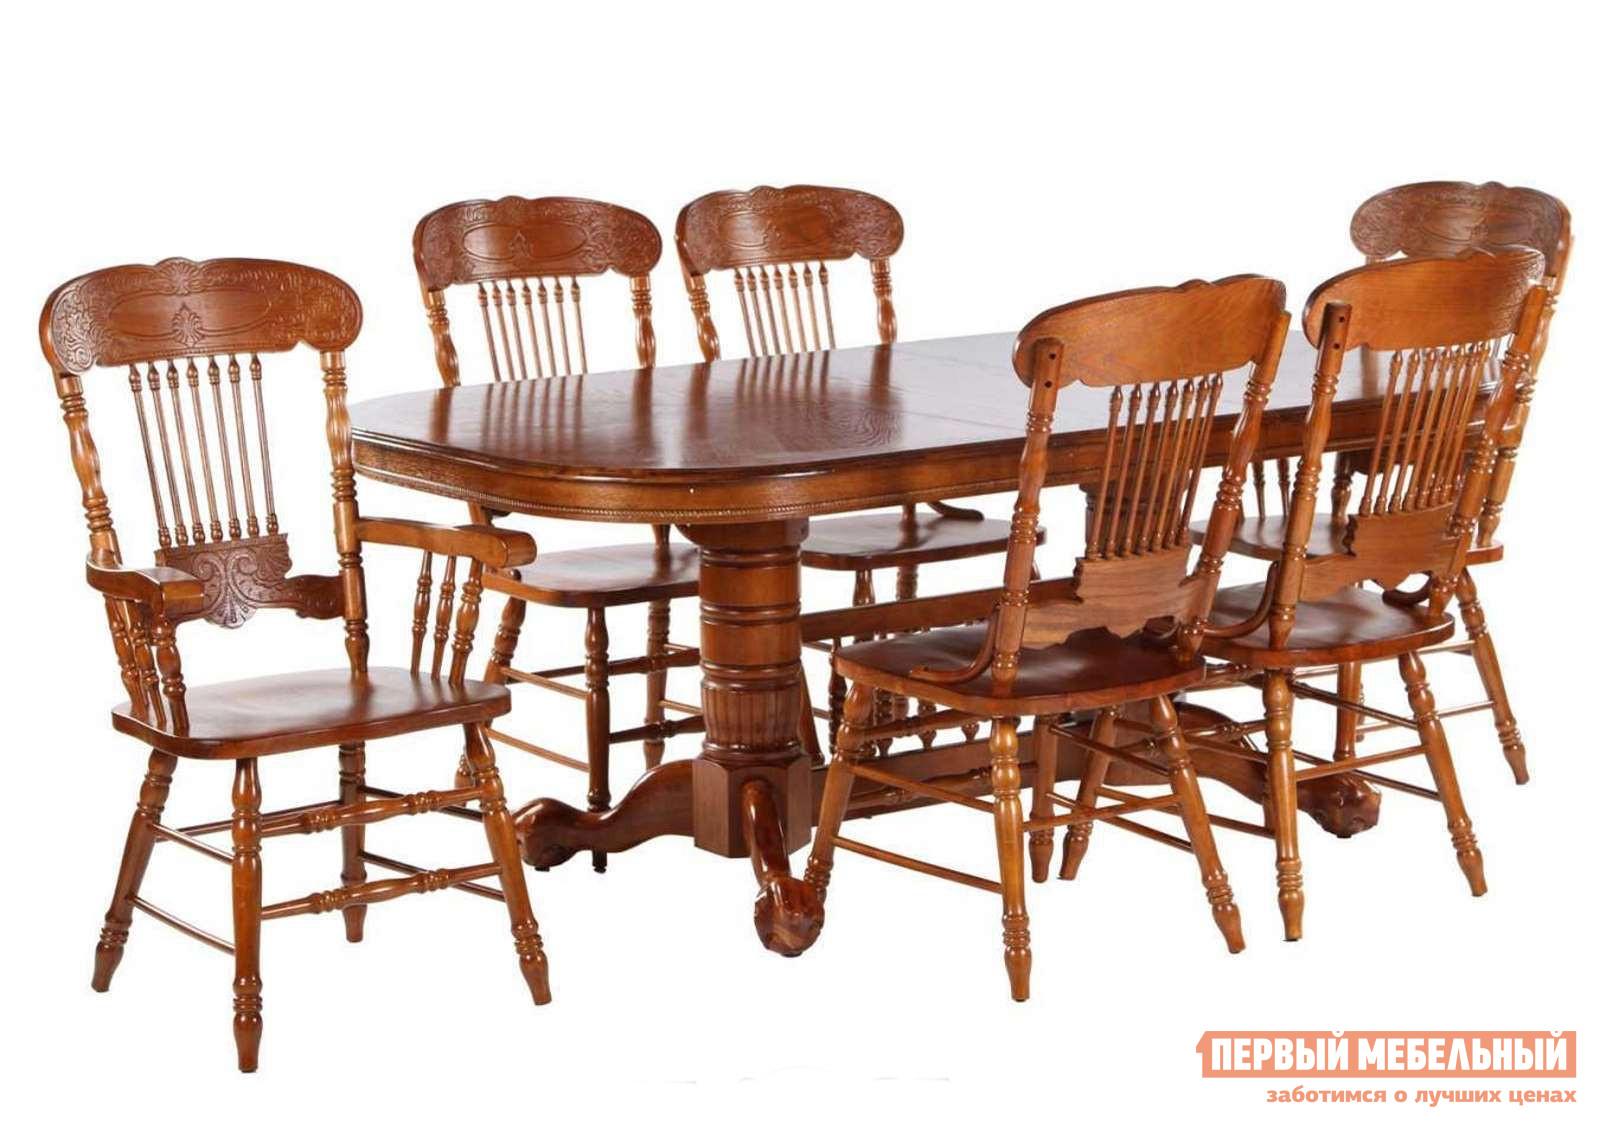 Обеденная группа для гостиной МИК Мебель Стол MK-1109-GG + 4 стула MK-1119-GG + 2 стула MK-1118-GG